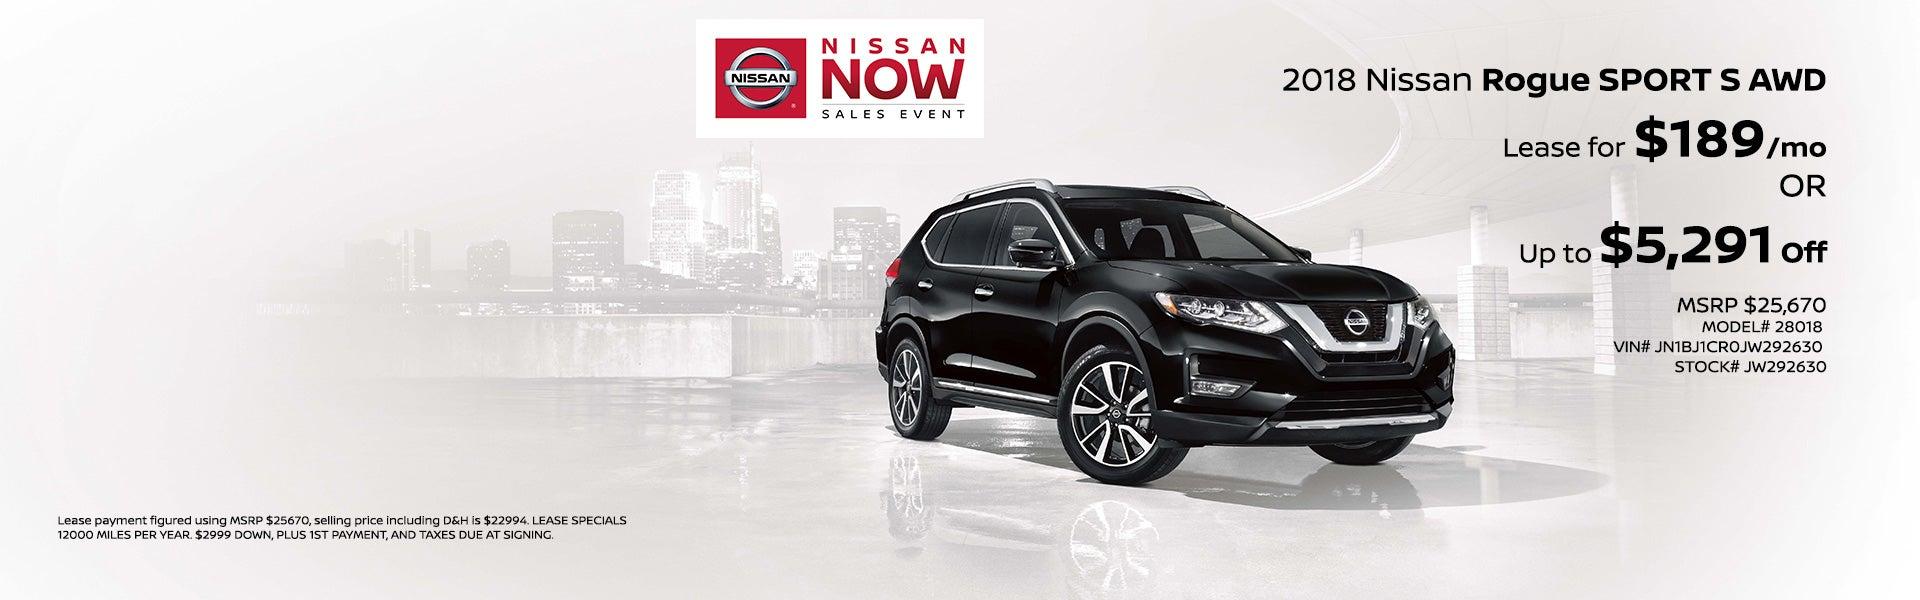 Nissan Dealership Denver >> Nissan Dealership Longmont Co Boulder Denver Nissan Dealer